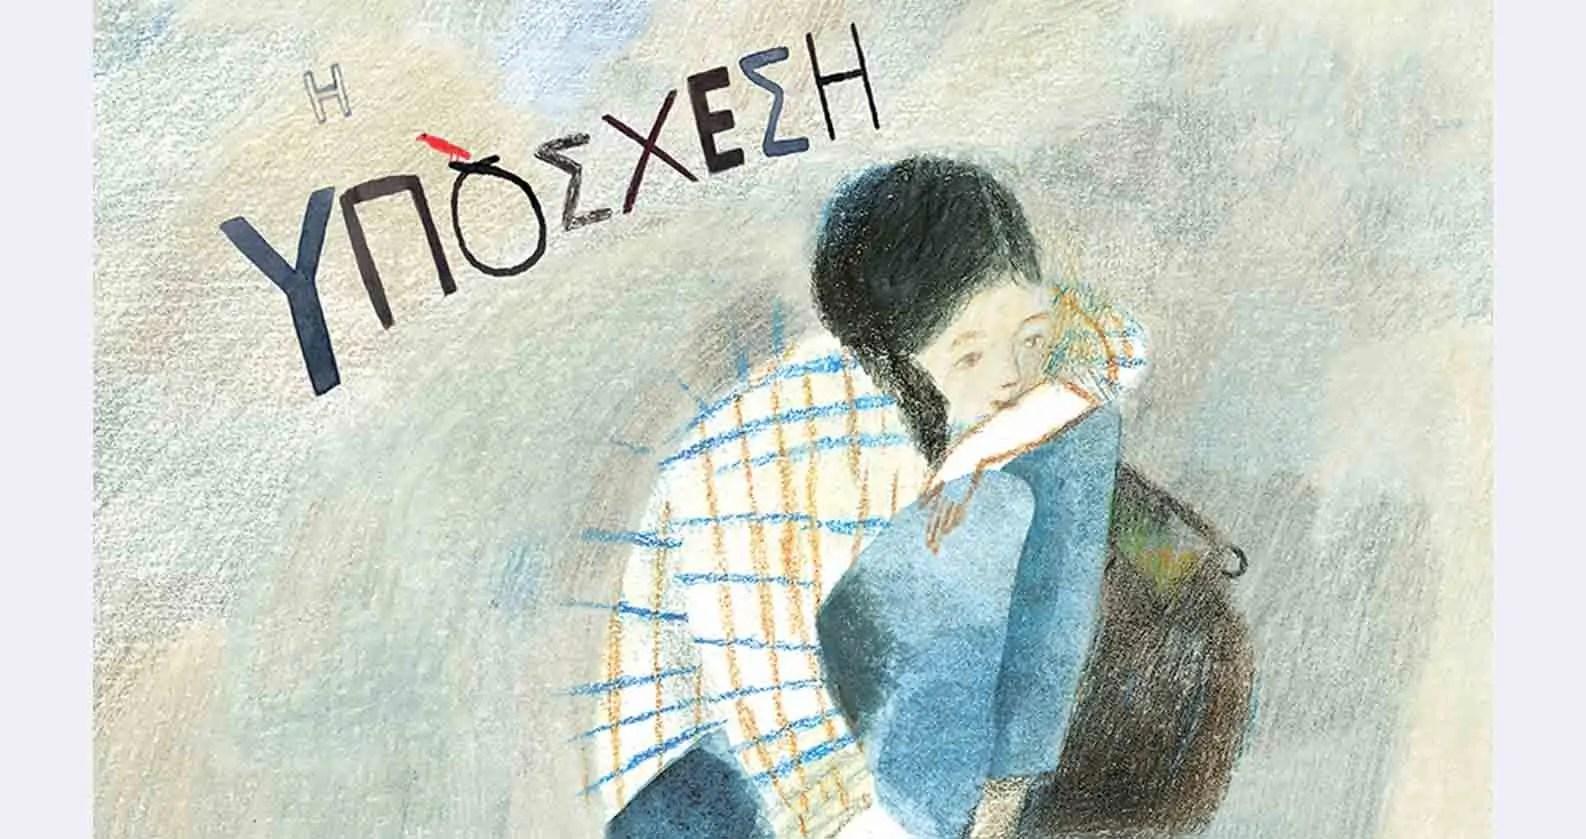 """""""Η Υπόσχεση"""" ένα βιβλίο γεμάτο ελπίδα για το μέλλον -Thisisus.gr"""